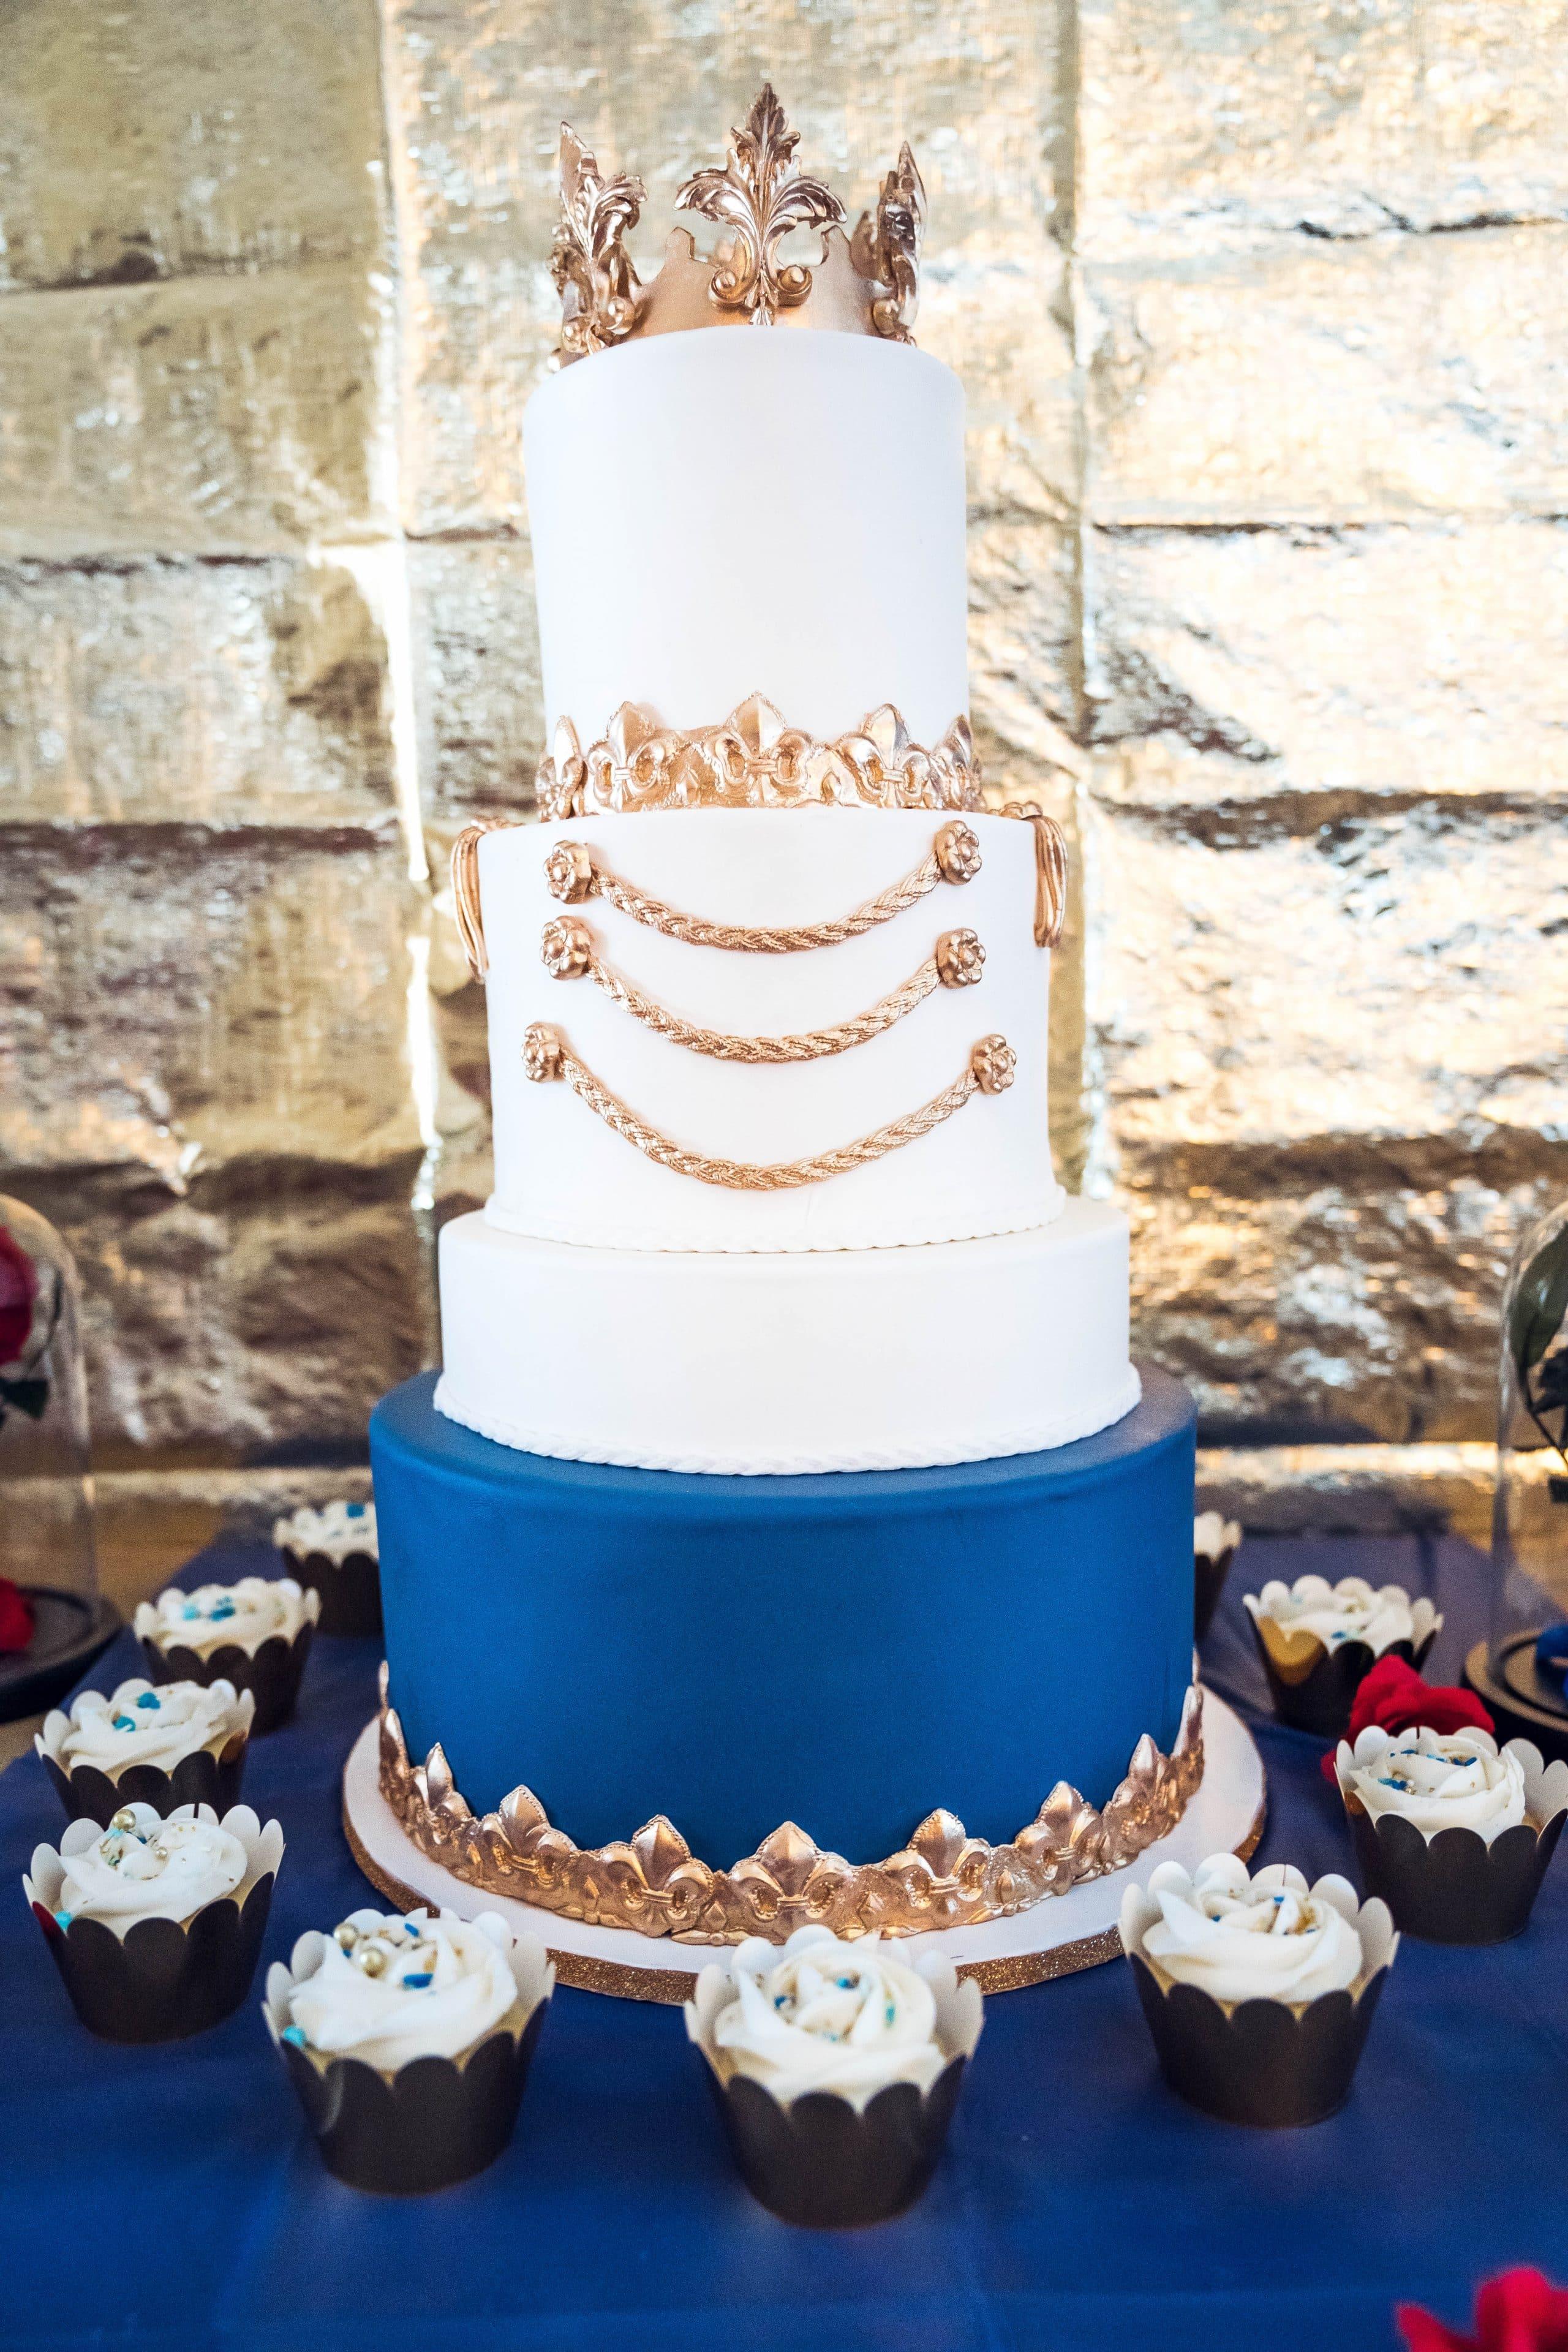 LivingLesh beauty and the beast tier cake